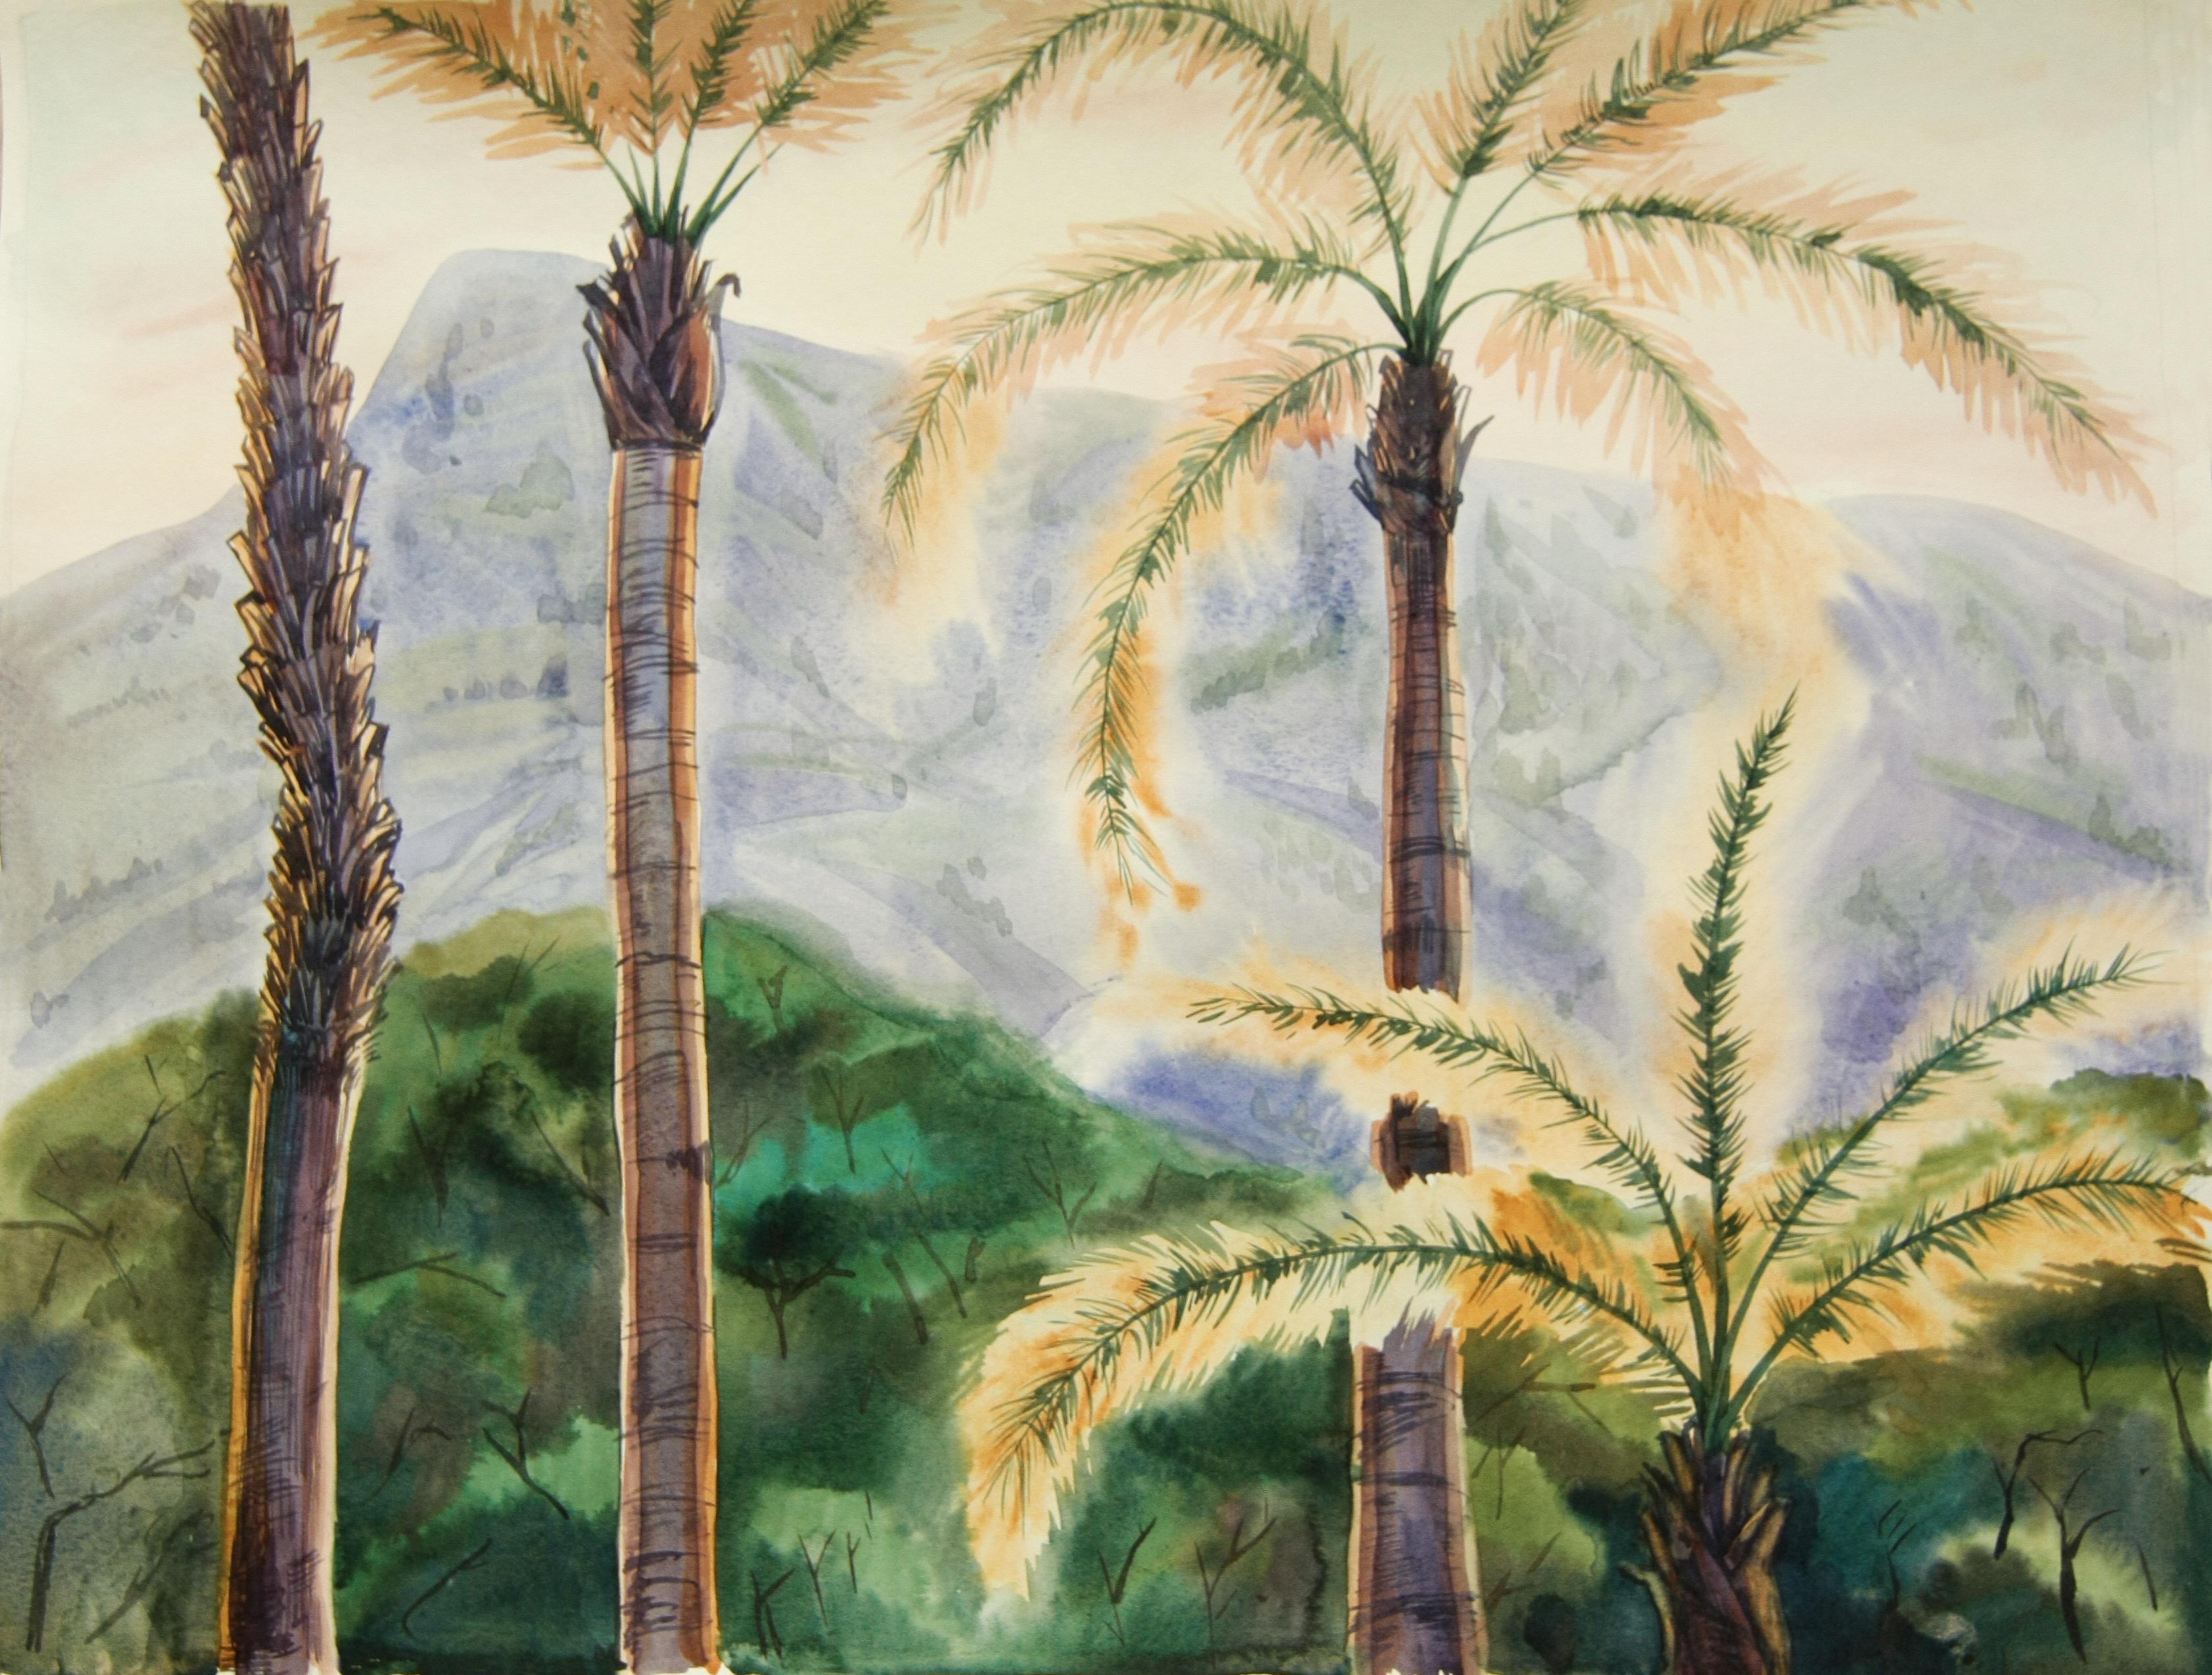 Картина «Солнечные пальмы» художника Дарьи Мазуриной